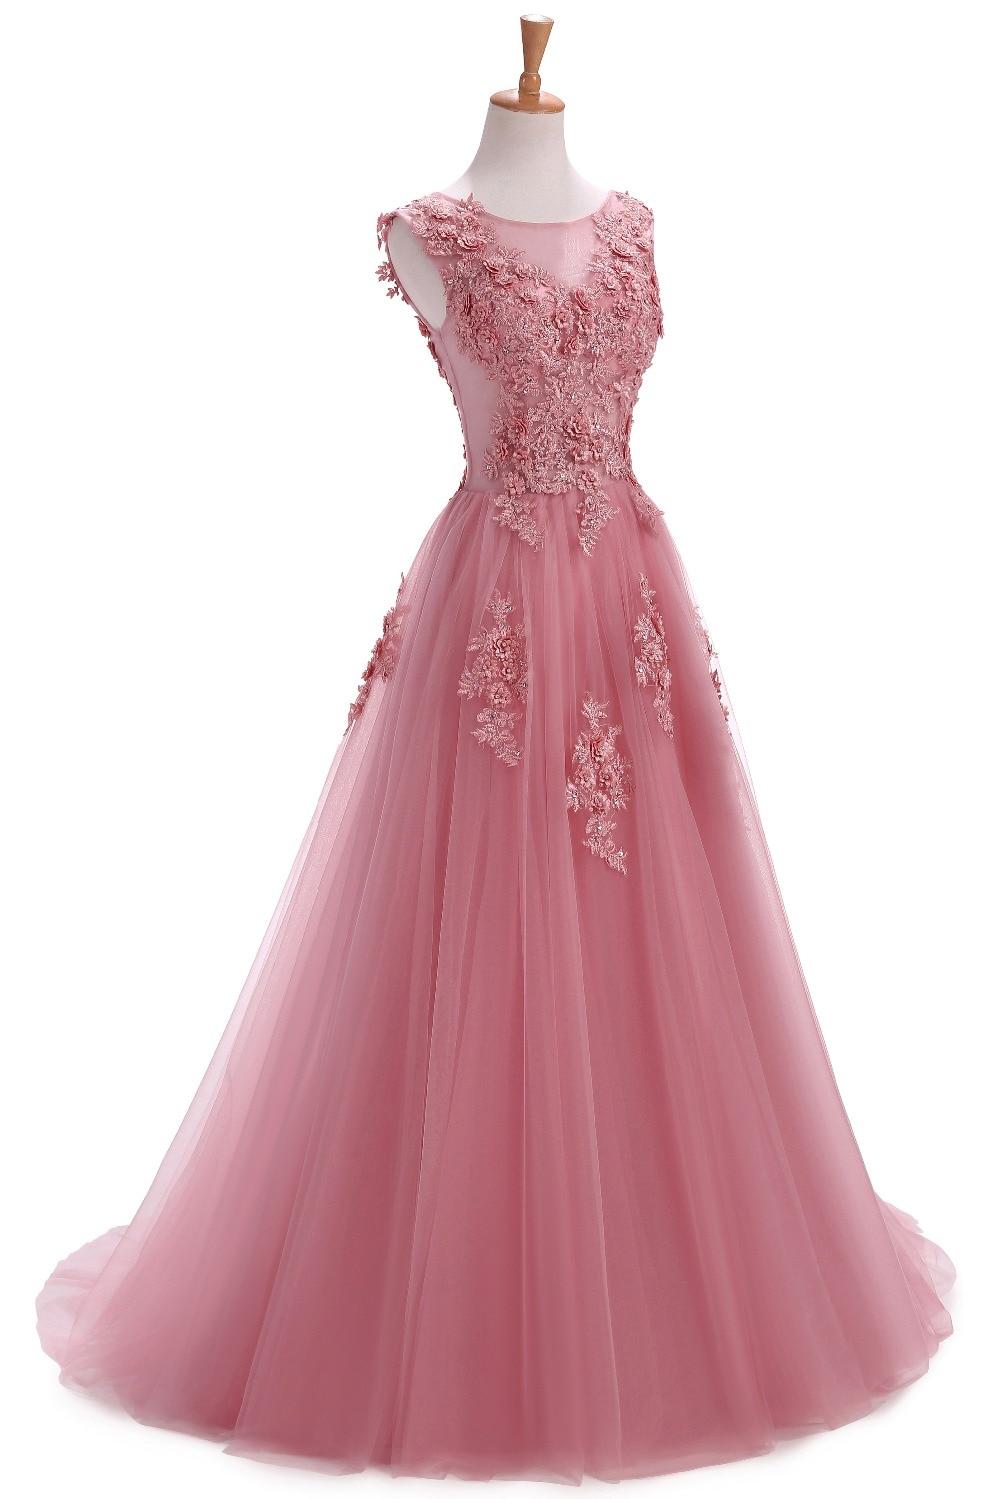 Szata De Soiree Suknie Wieczorowe Długi Plus Rozmiar Tiulu Prom Lace - Suknie specjalne okazje - Zdjęcie 3